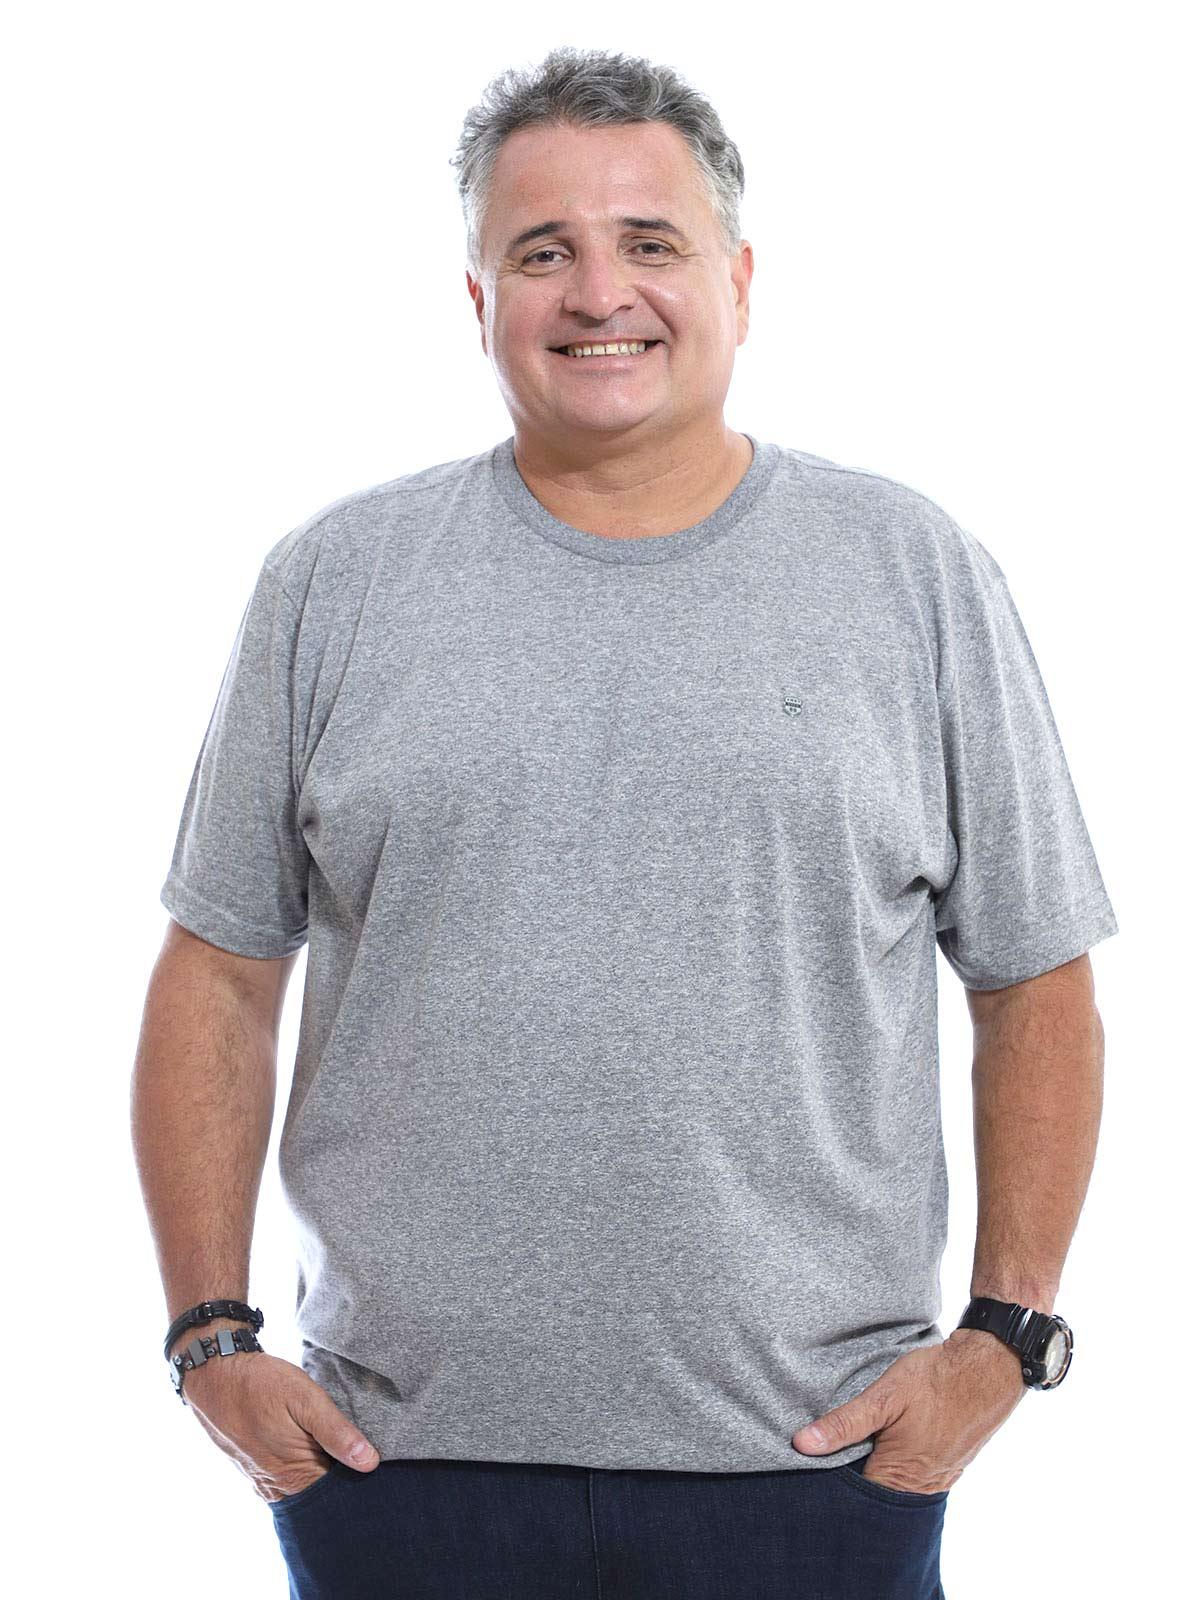 Camiseta Plus Size Anistia Mouline Mescla